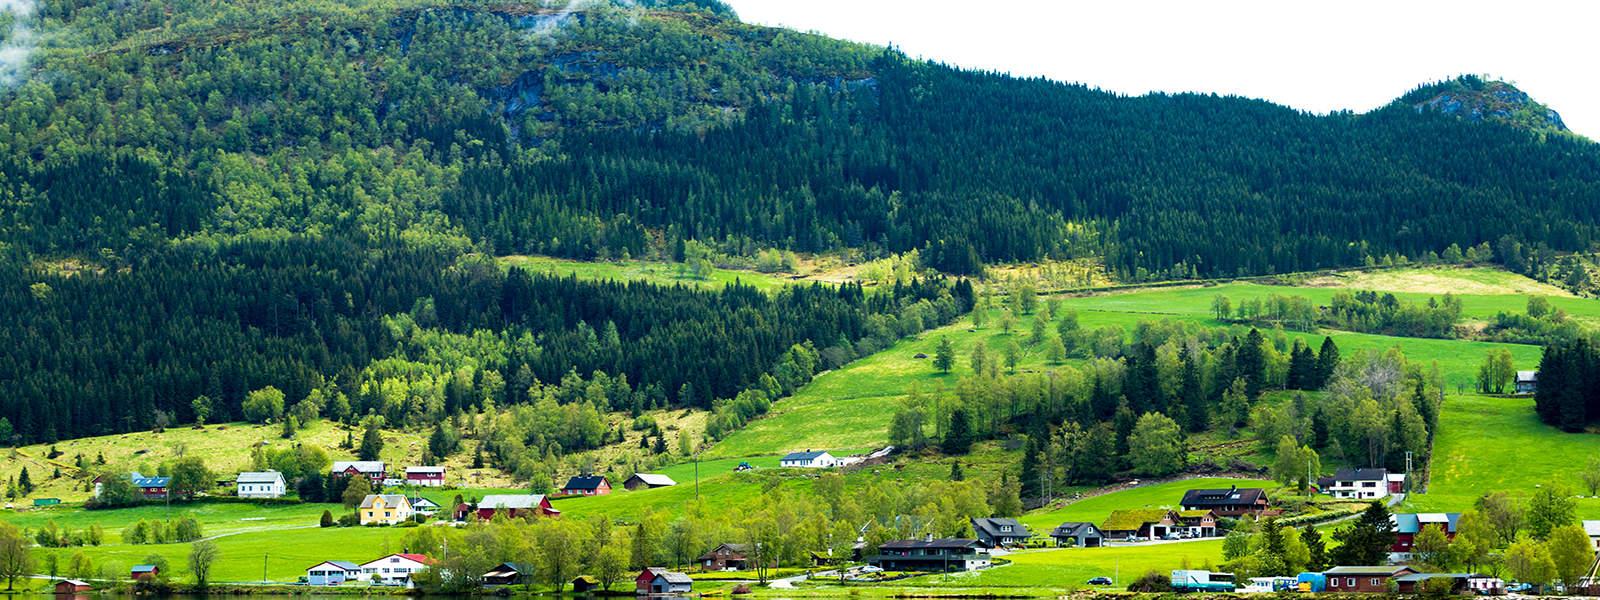 رحلة سياحي في النرويج لمدة 5 أيام